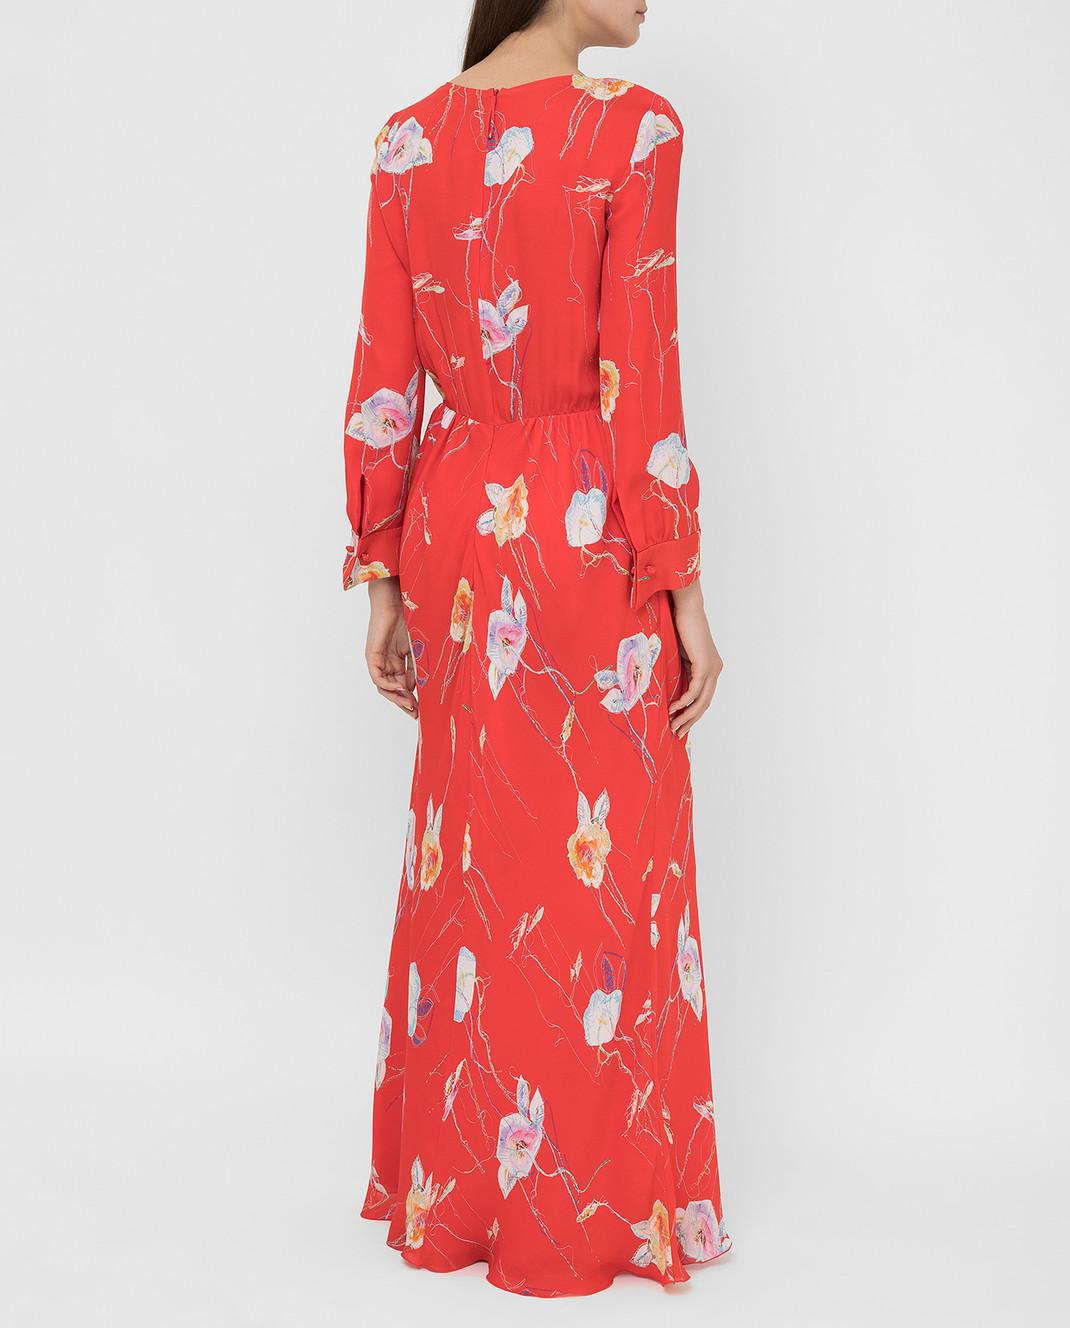 Armani Коралловое платье из шелка изображение 4